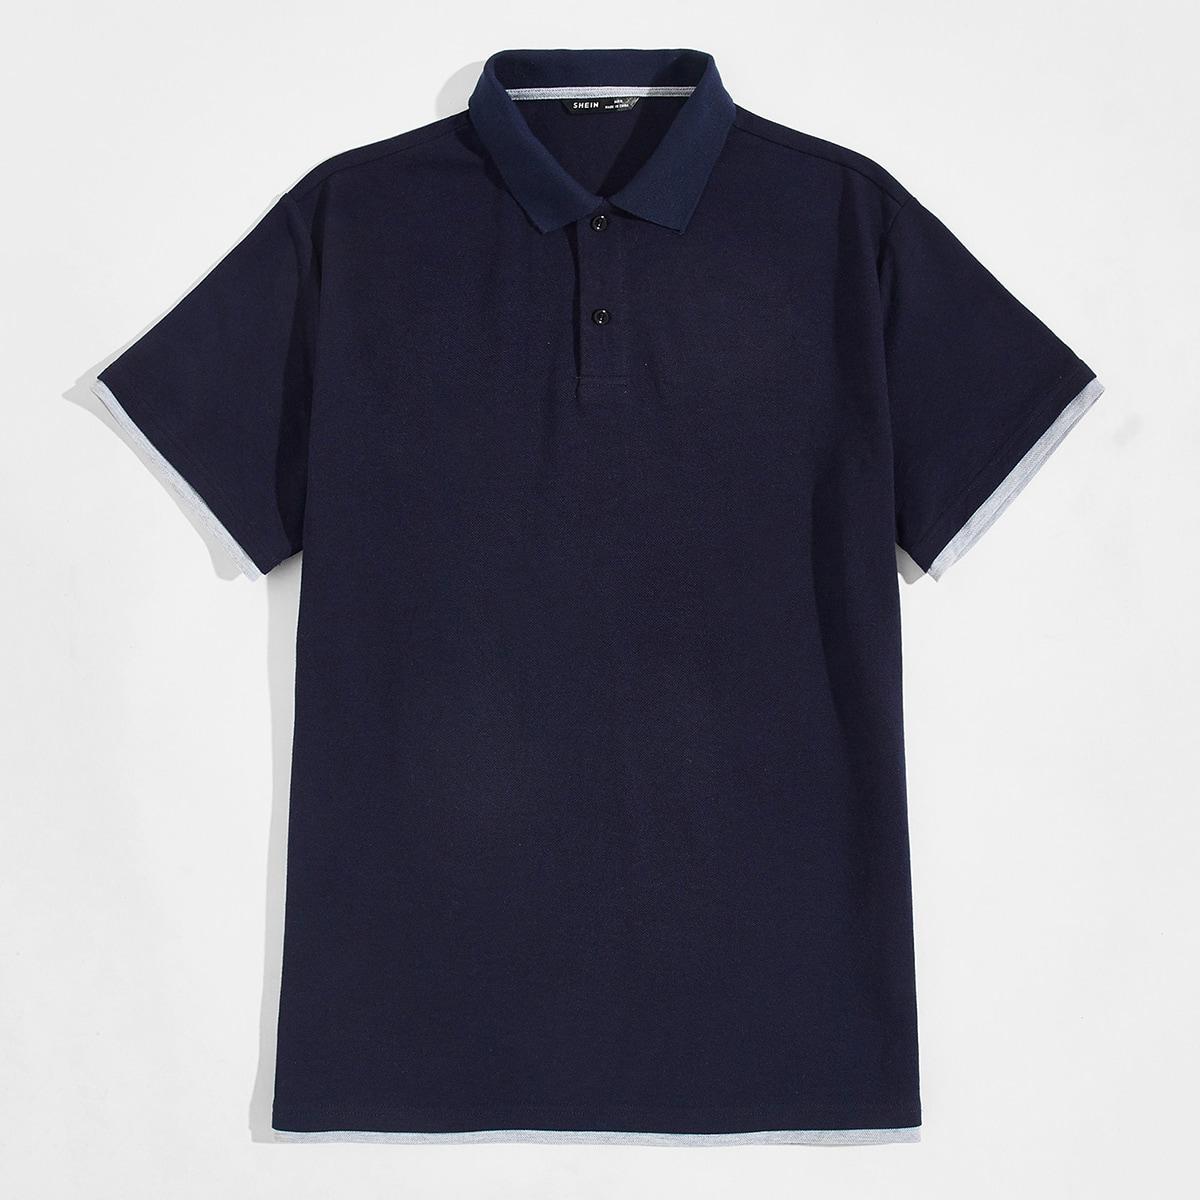 Мужская рубашка-поло 2 в 1